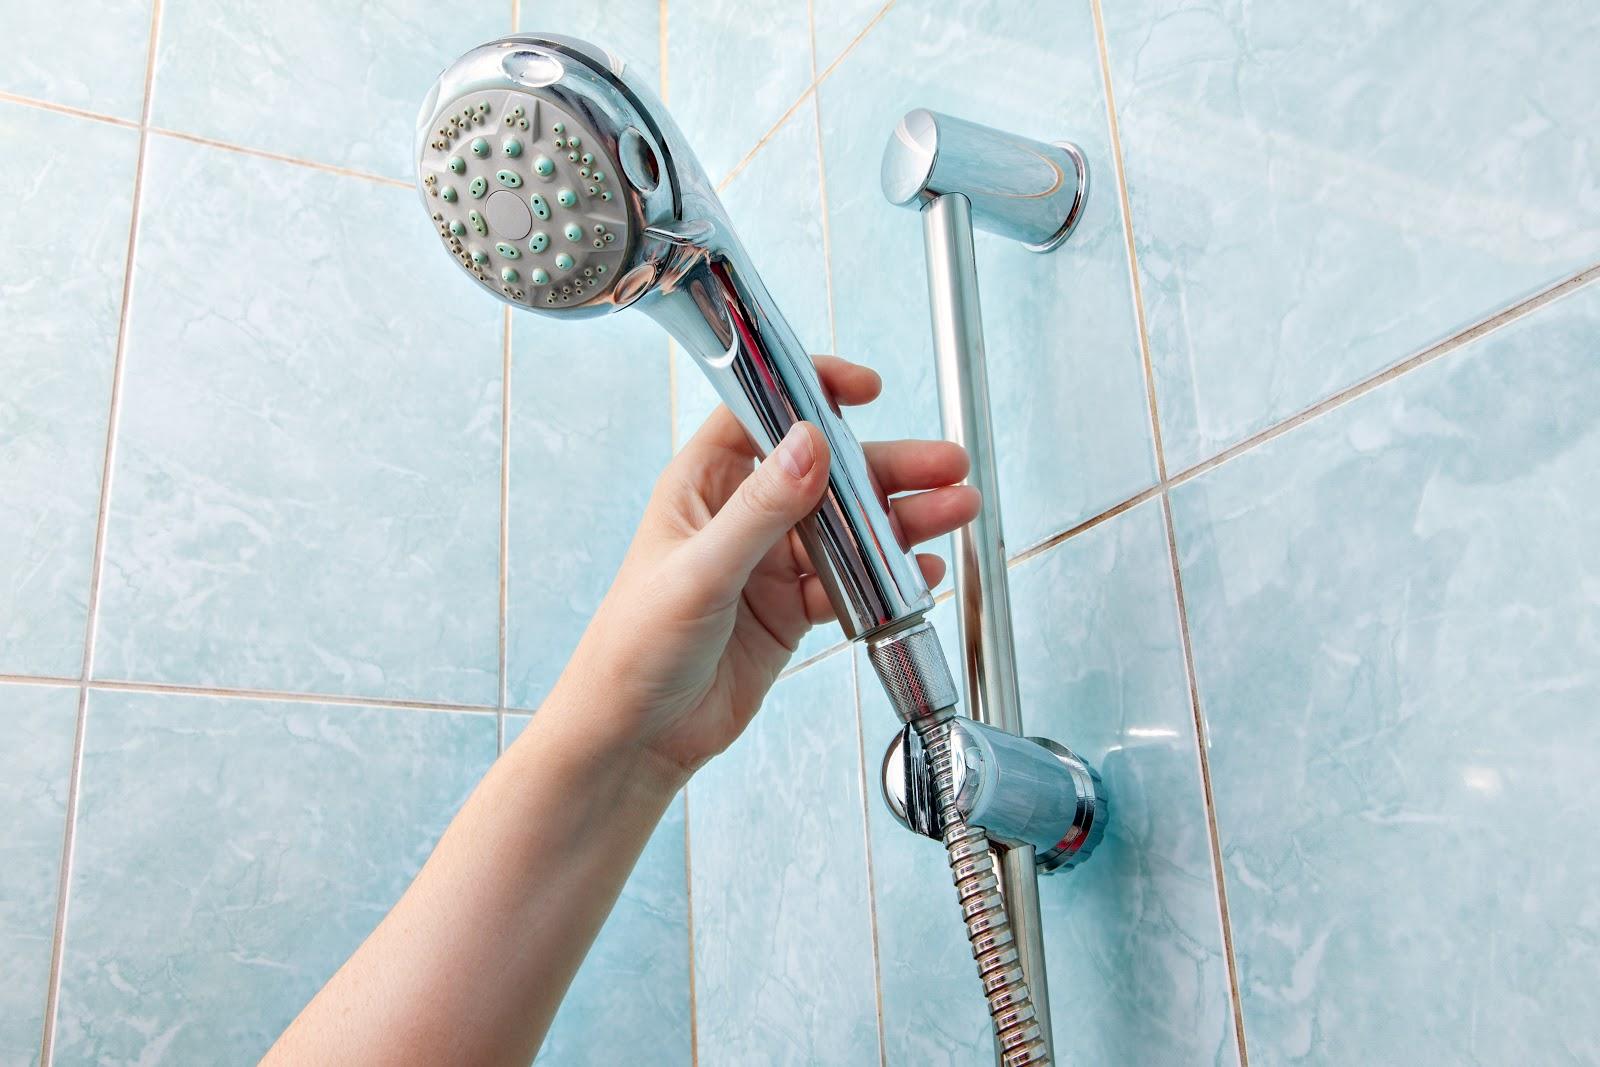 Uma mão segurando em um chuveiro.